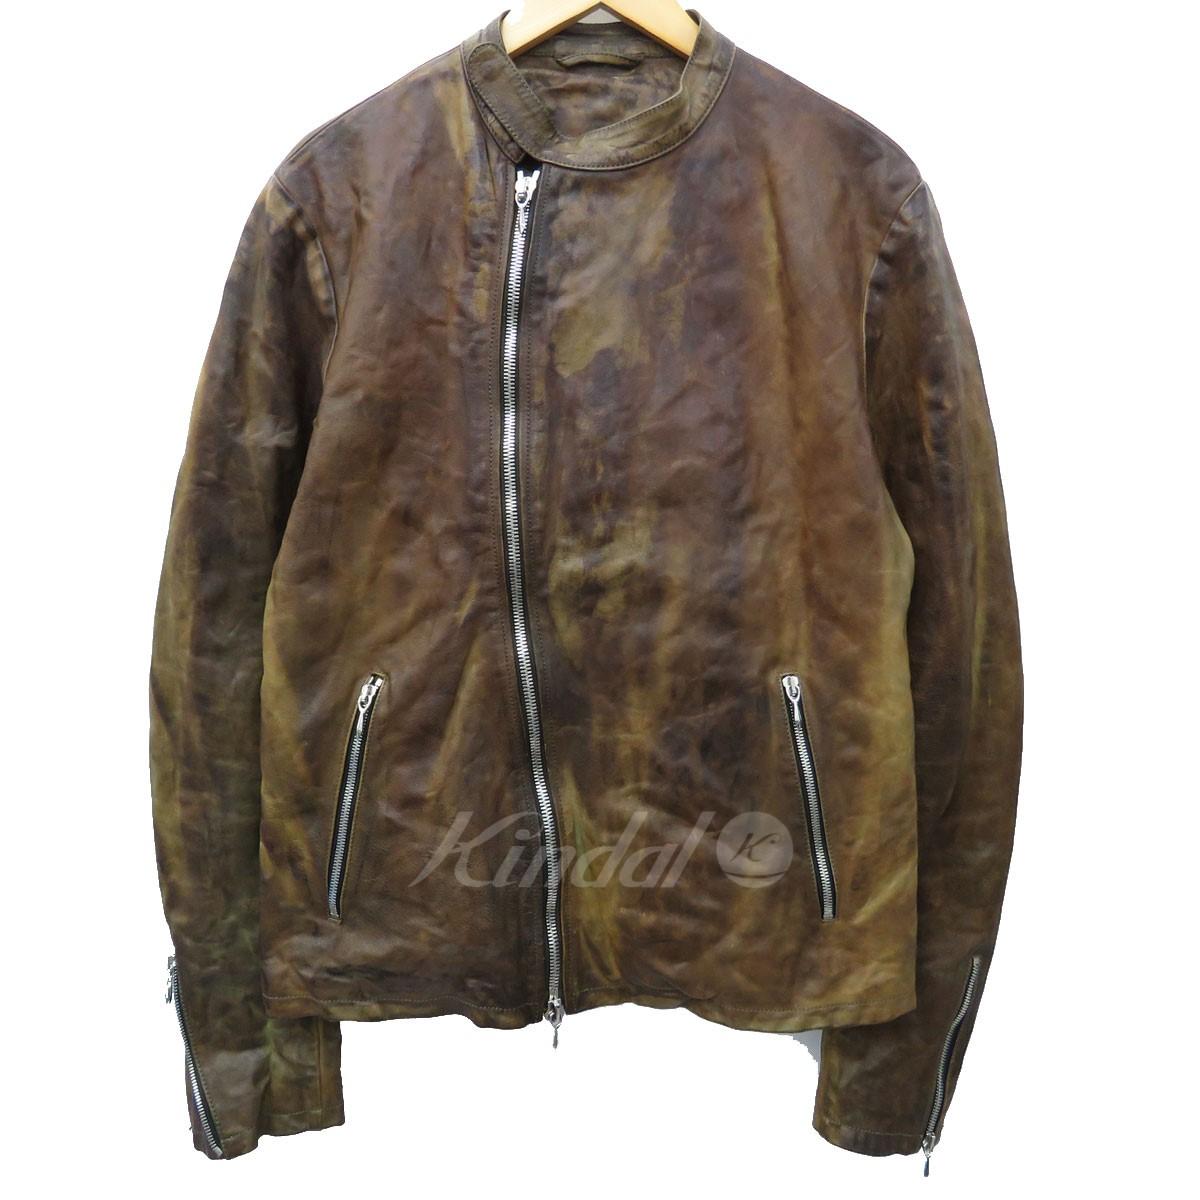 【中古】THE INCARNATION 加工シングルライダーズジャケット ブラウン サイズ:- 【160420】(ザ インカネーション)